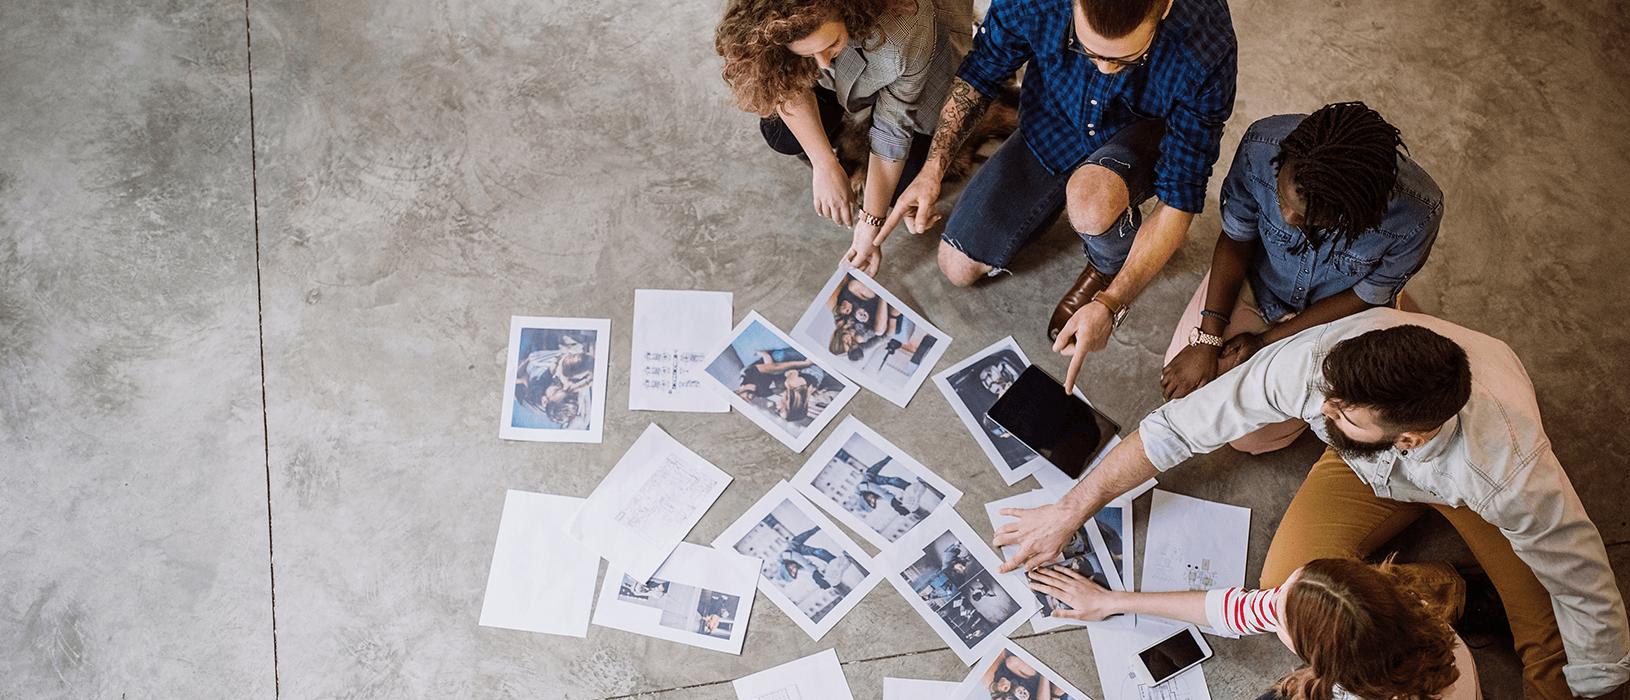 Bilder spielen im Marketing eine bedeutende Rolle. Ebenso wichtig ist die rechtlich passende Bildlizenz. Bild: getty images